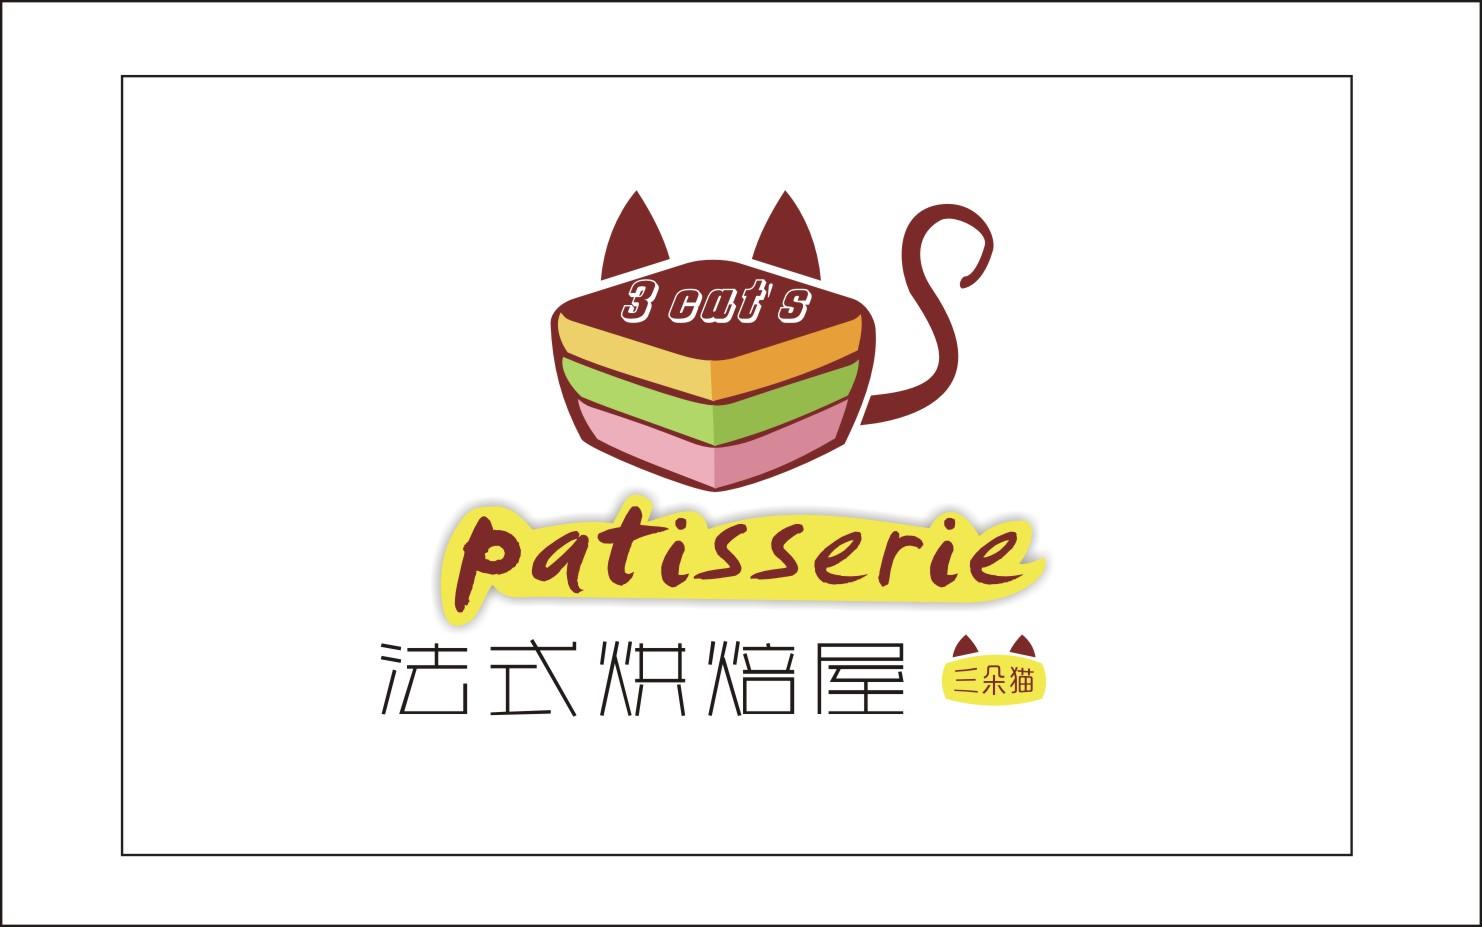 甜点店的logo设计【参与时间从后到前】